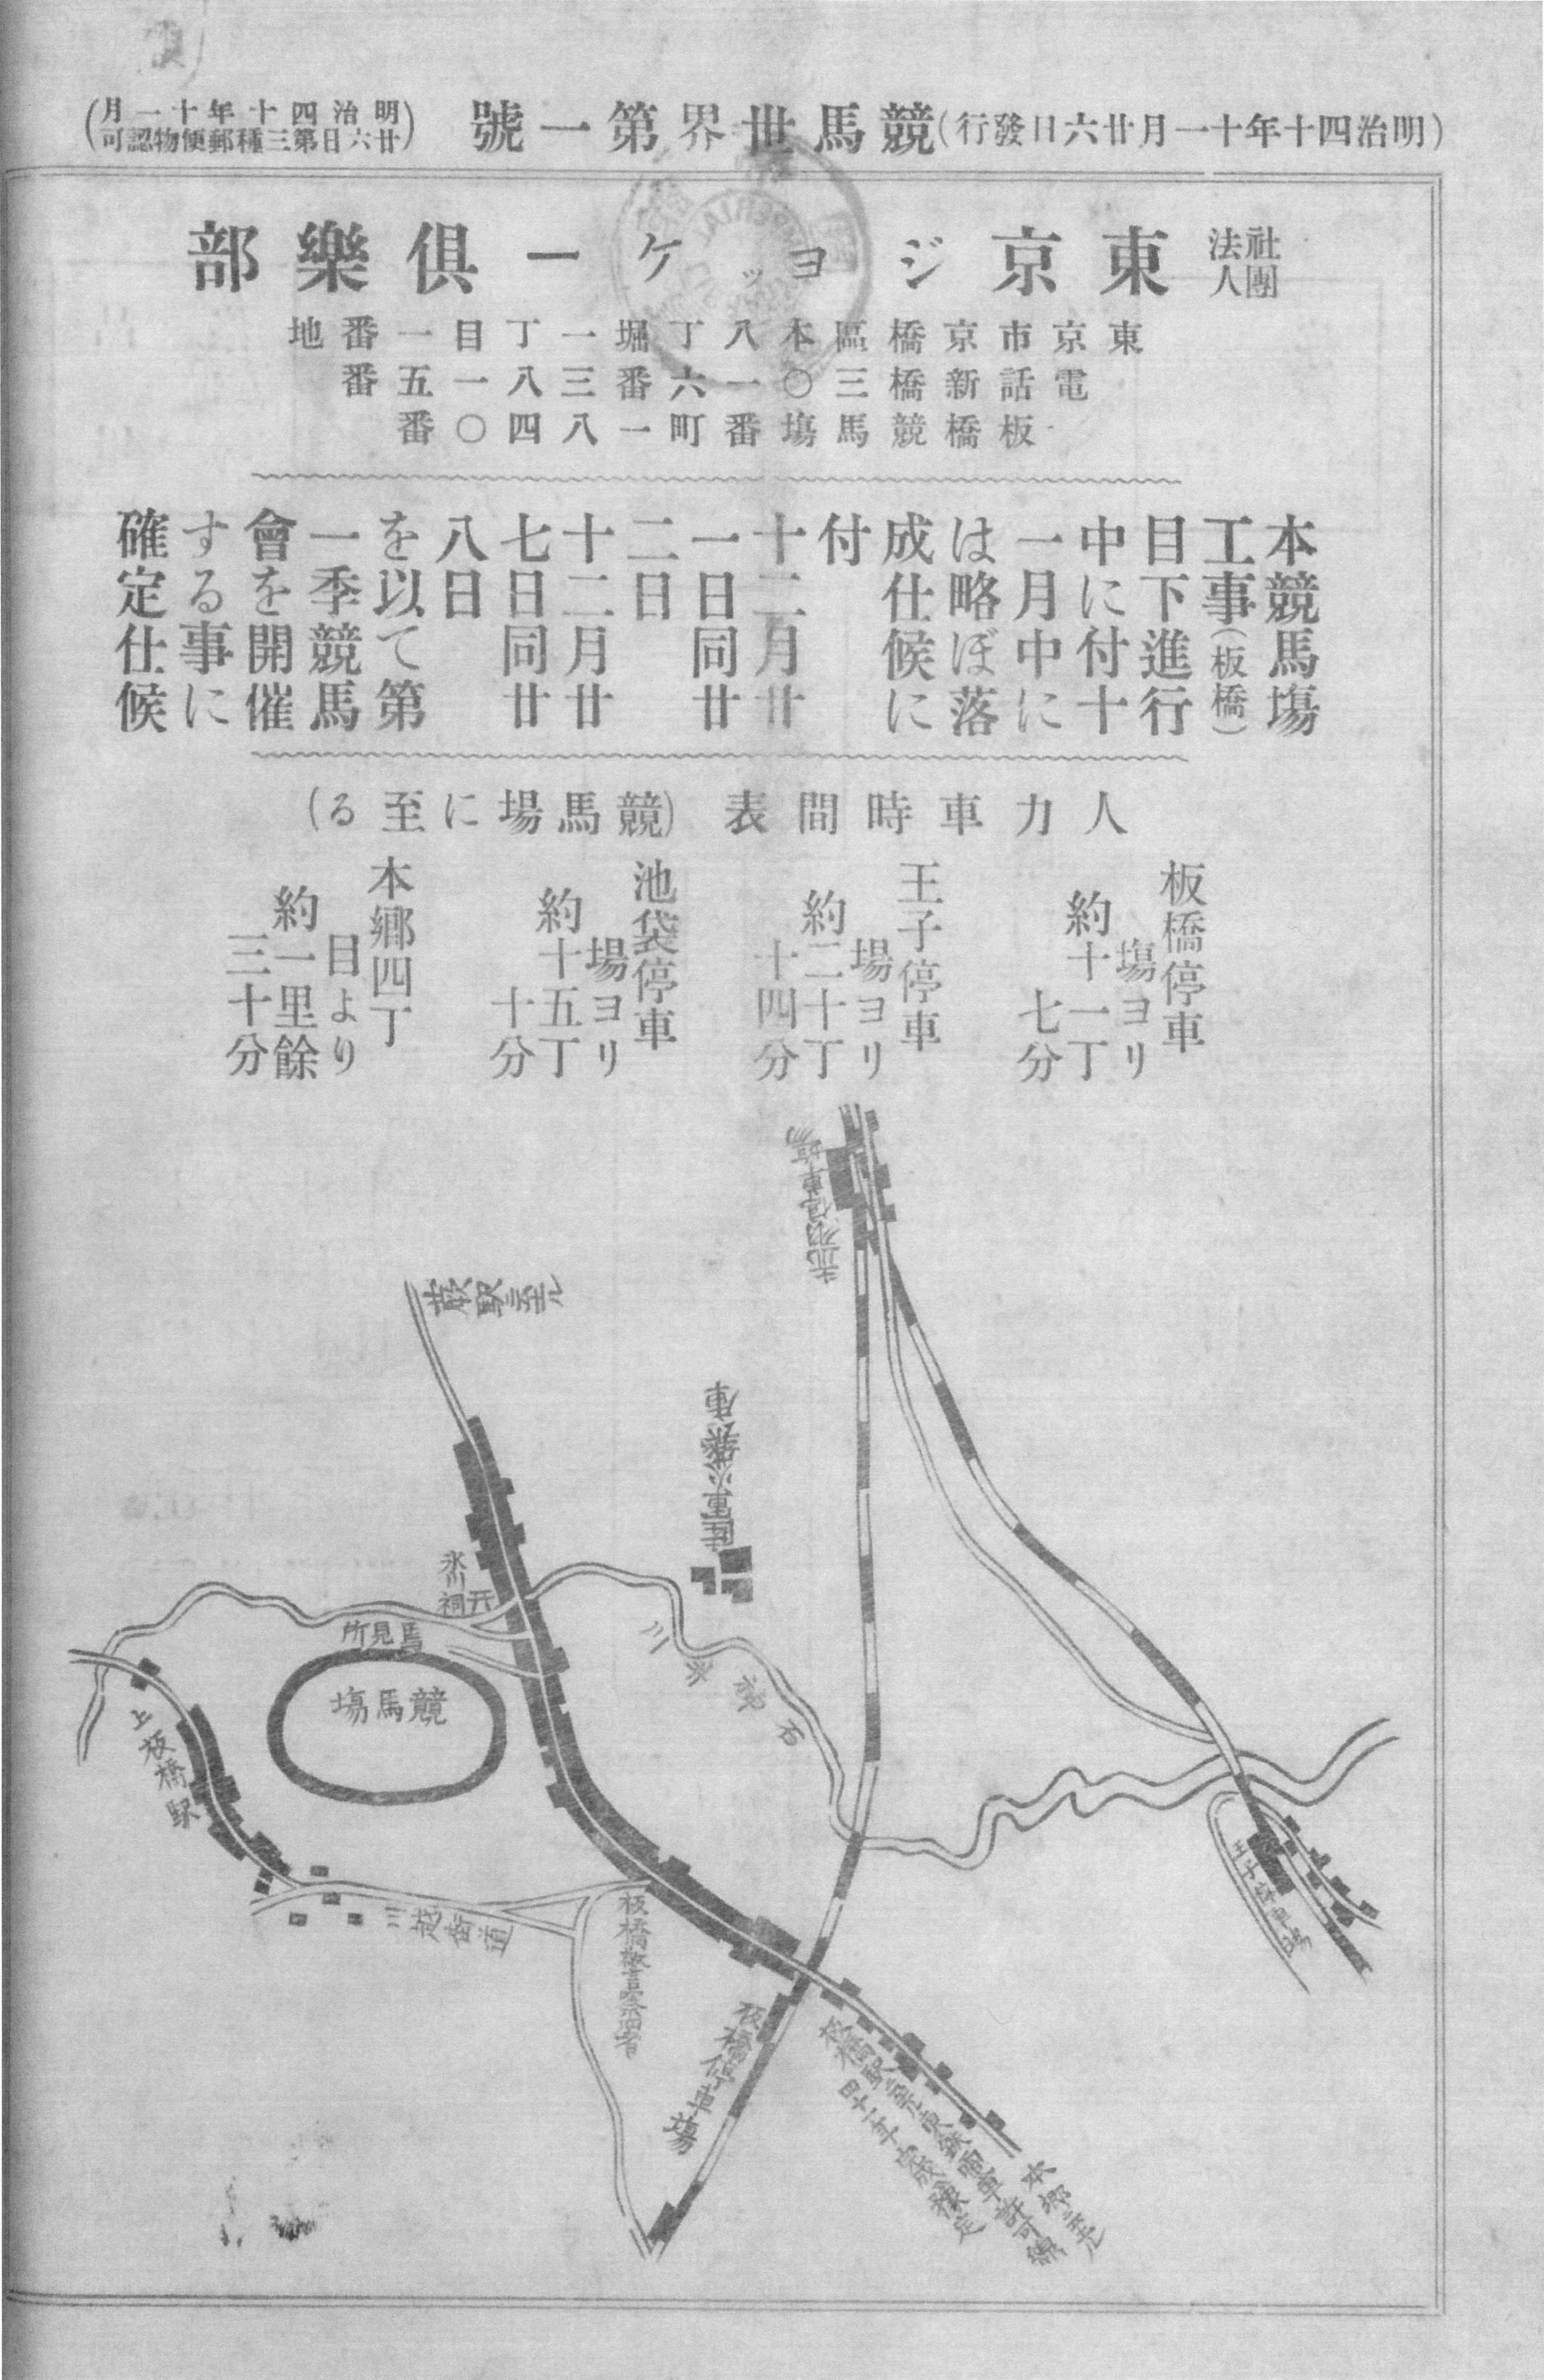 板橋競馬場 - Wikipedia